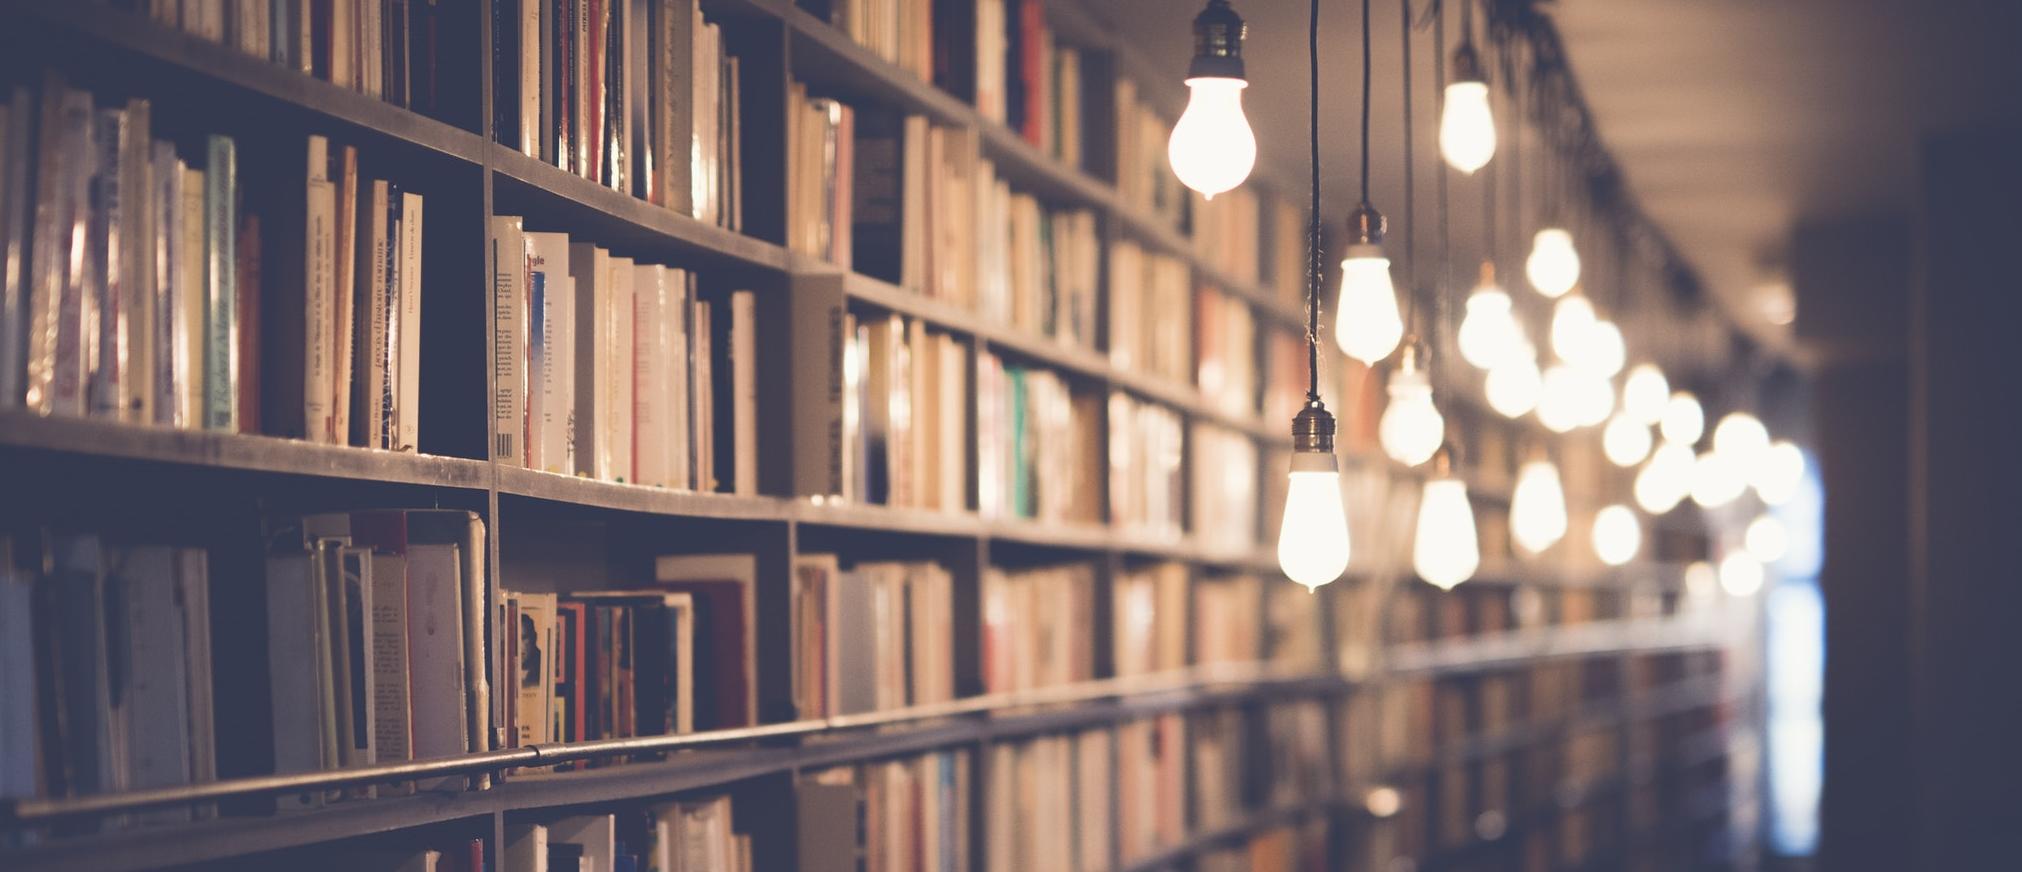 Actualidad sobre los libros más vendidos, escritores y los mejores relatos cortos.